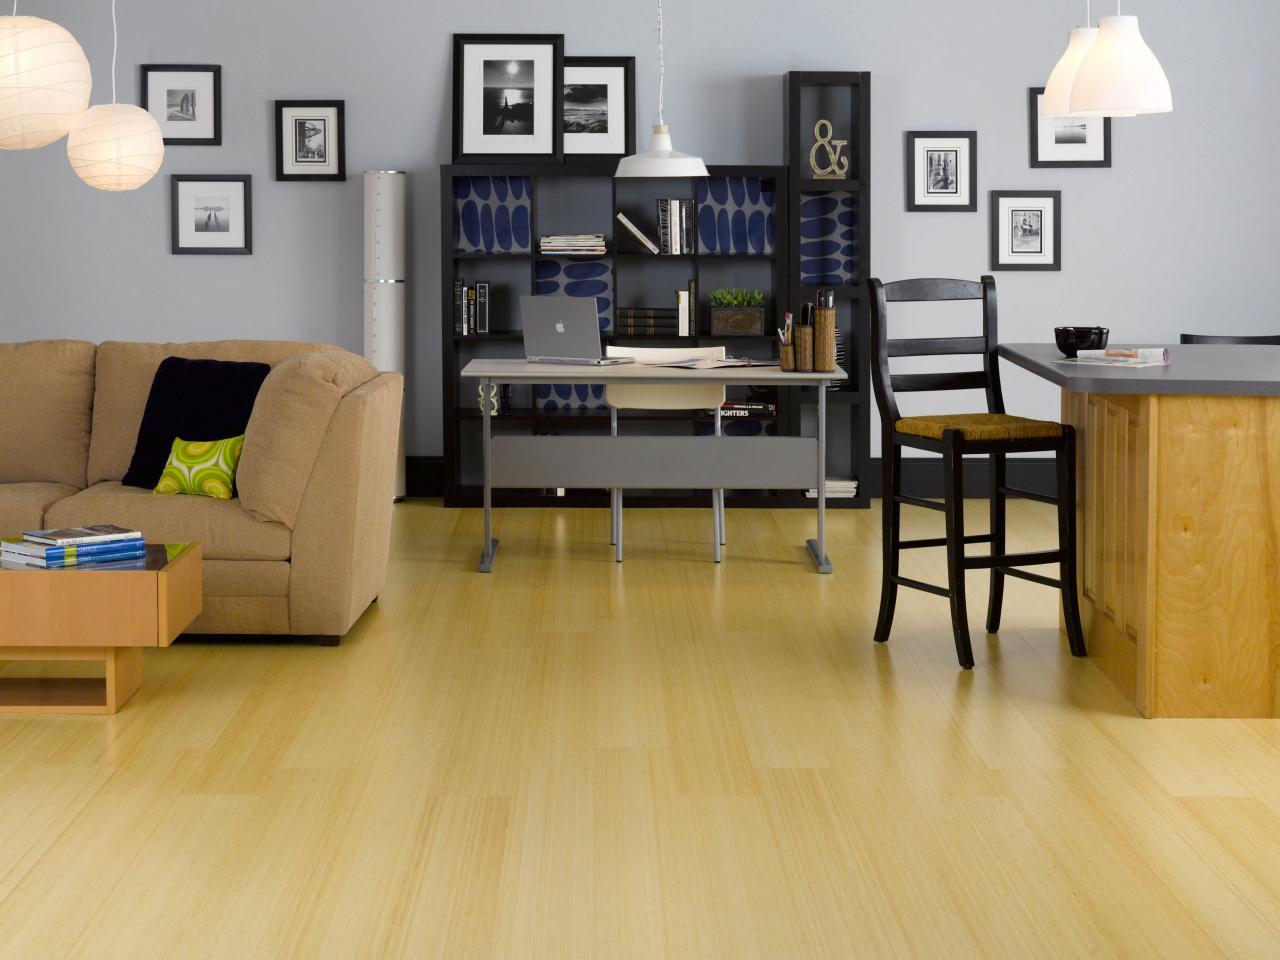 US-Floors_Bamboo-Floor_s4x3.jpg.rend_.hgtvcom.1280.960